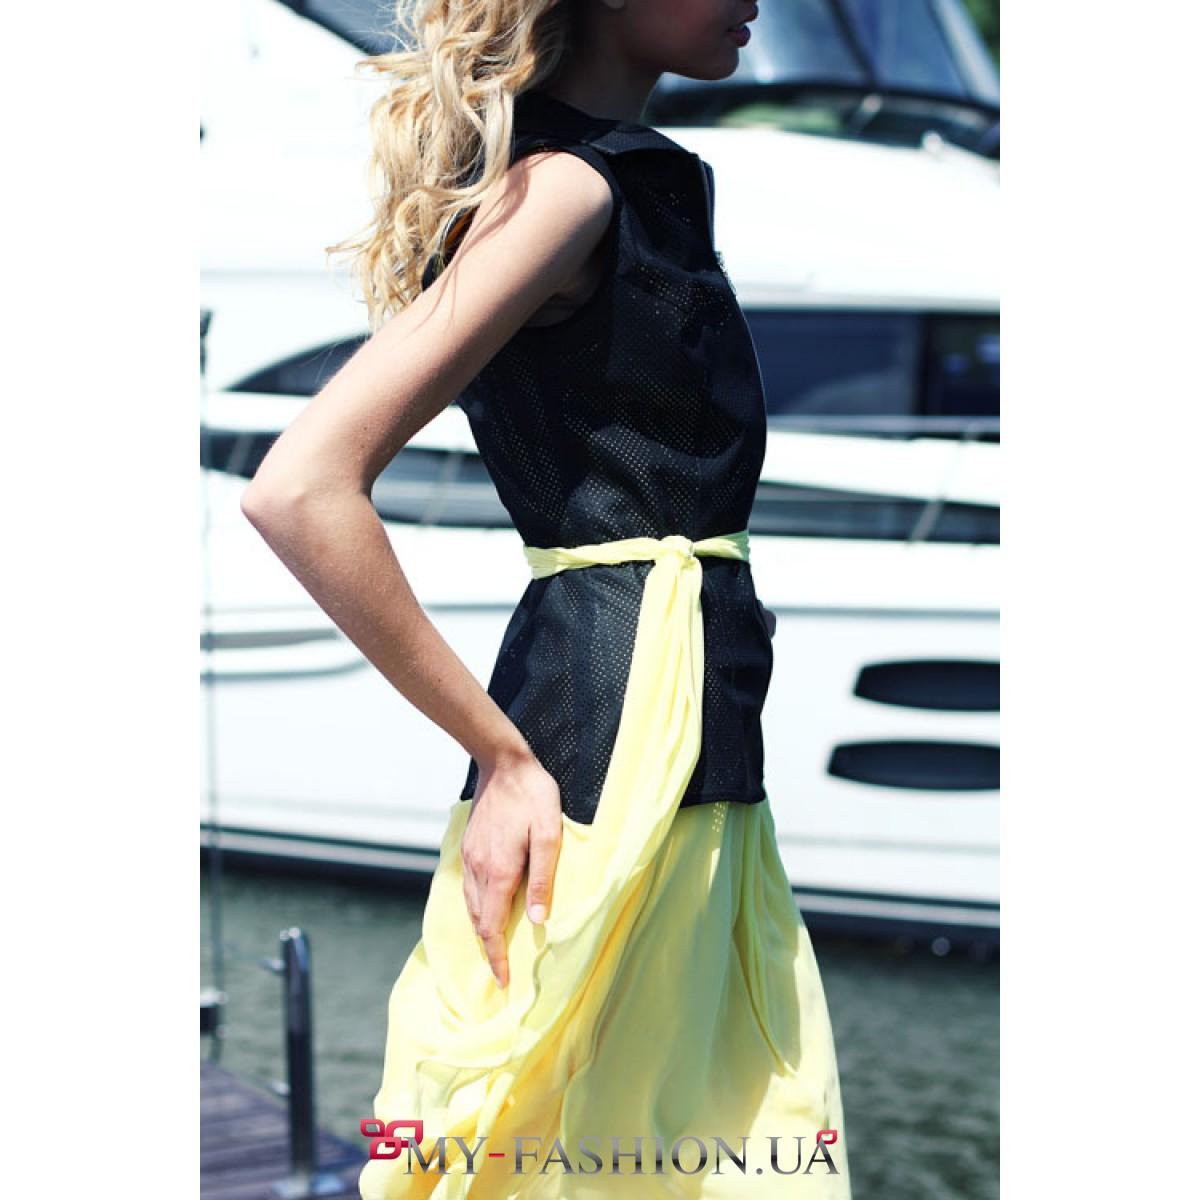 Модная Женская Одежда И Обувь С Доставкой